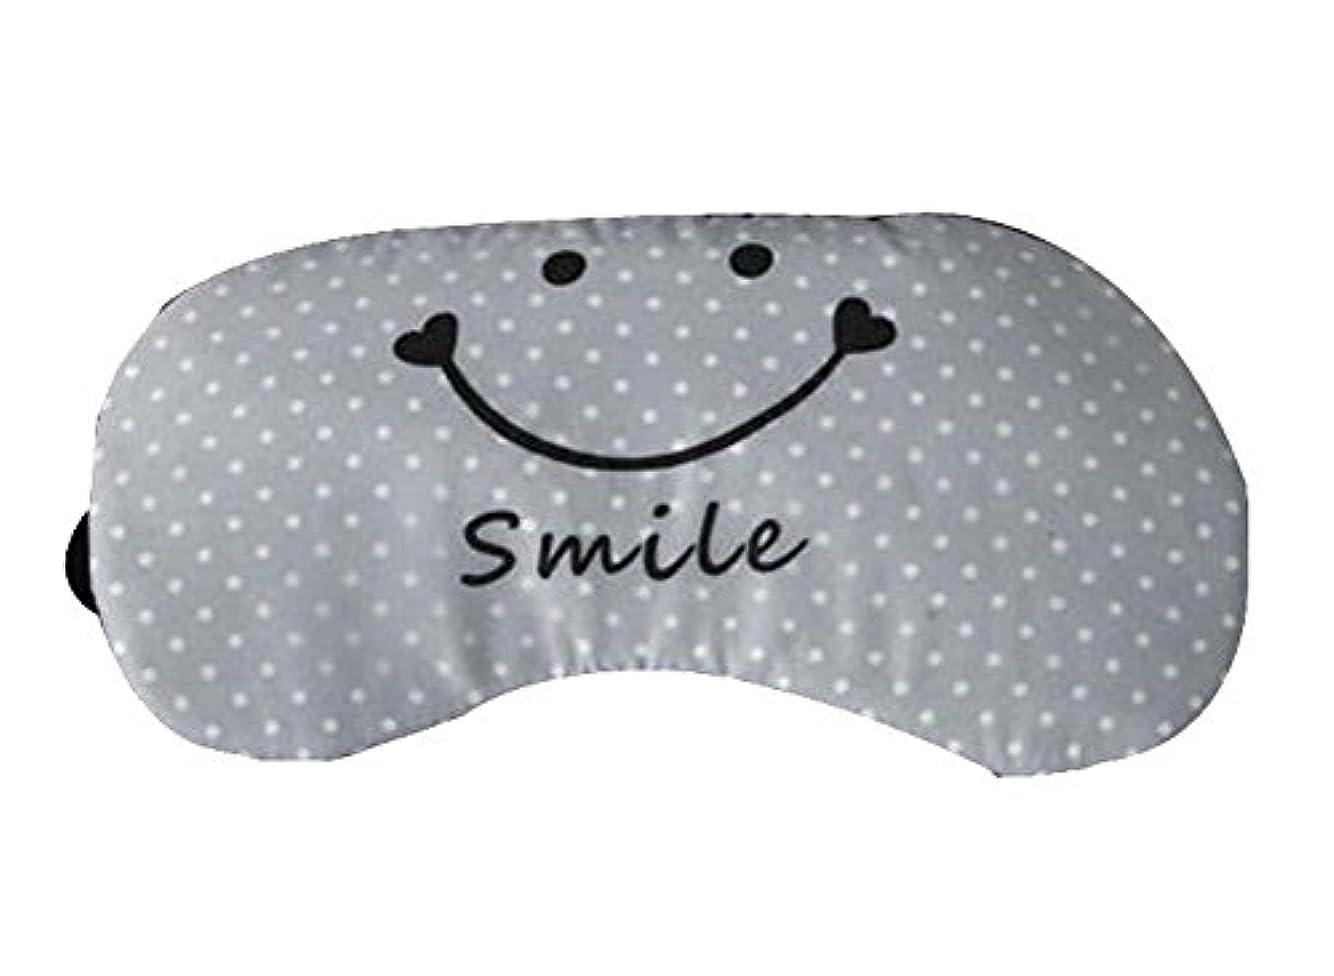 借りる囲いバイアスラブリーコットンアイマスク睡眠Eyeshadeパッチ通気性軽量、グレー